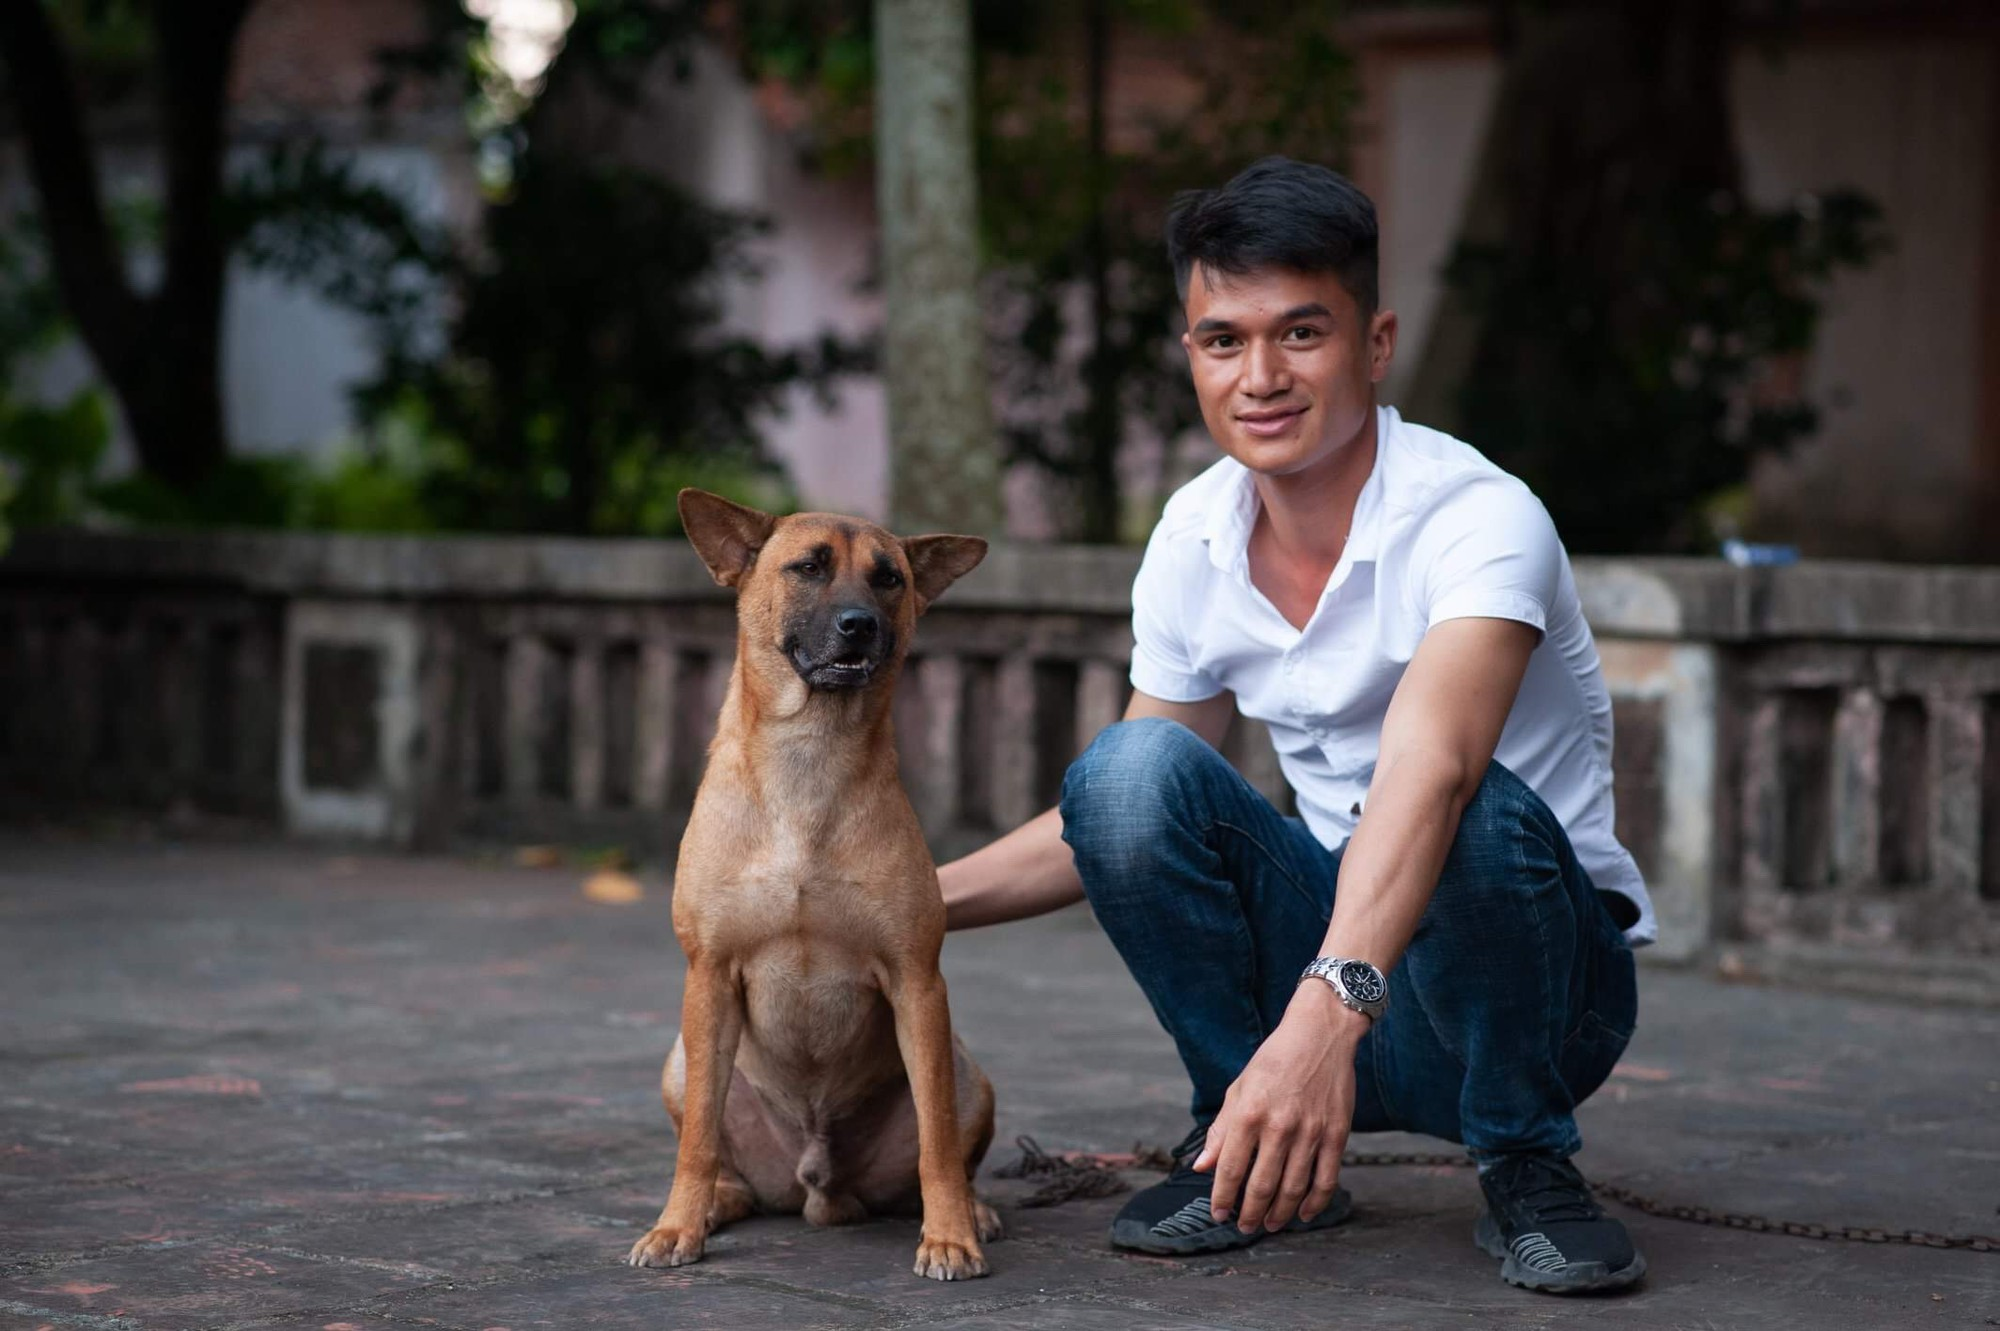 Phim Cậu Vàng chính thức chọn ra 3 chú chó làm diễn viên chính, chó Nhật sẽ đảm nhận những cảnh tâm trạng - Ảnh 3.